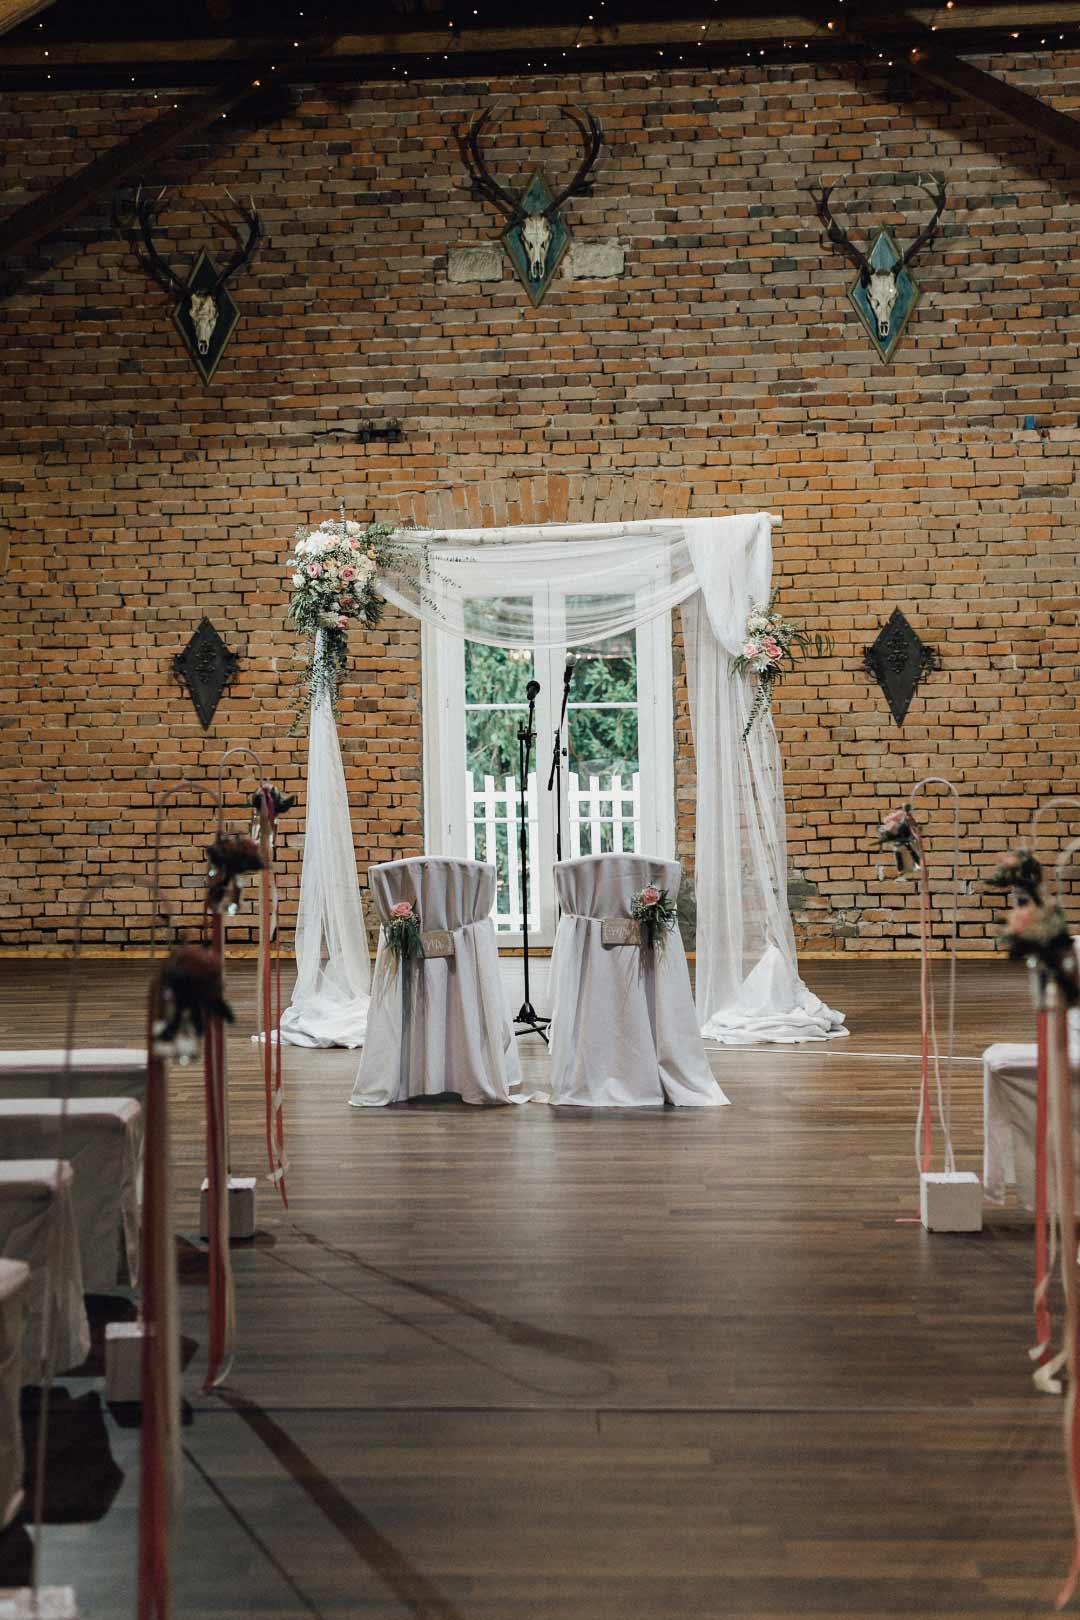 Ort der Trauung mit den Hochzeitsbogen und Stühlen davor